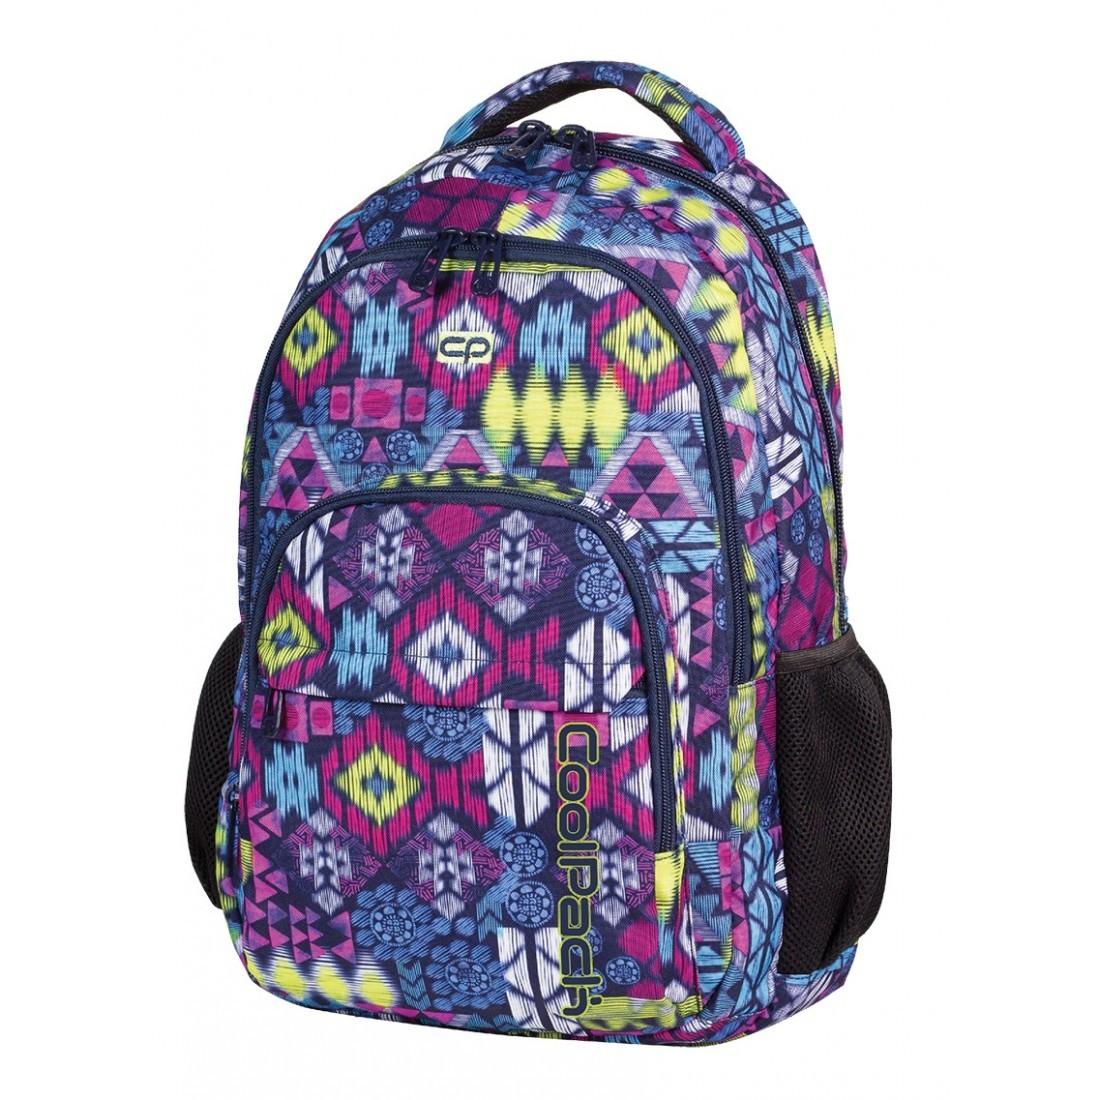 Plecak młodzieżowy CoolPack CP lekki fioletowy etniczny BASIC TRIBAL CP 511 - plecak-tornister.pl